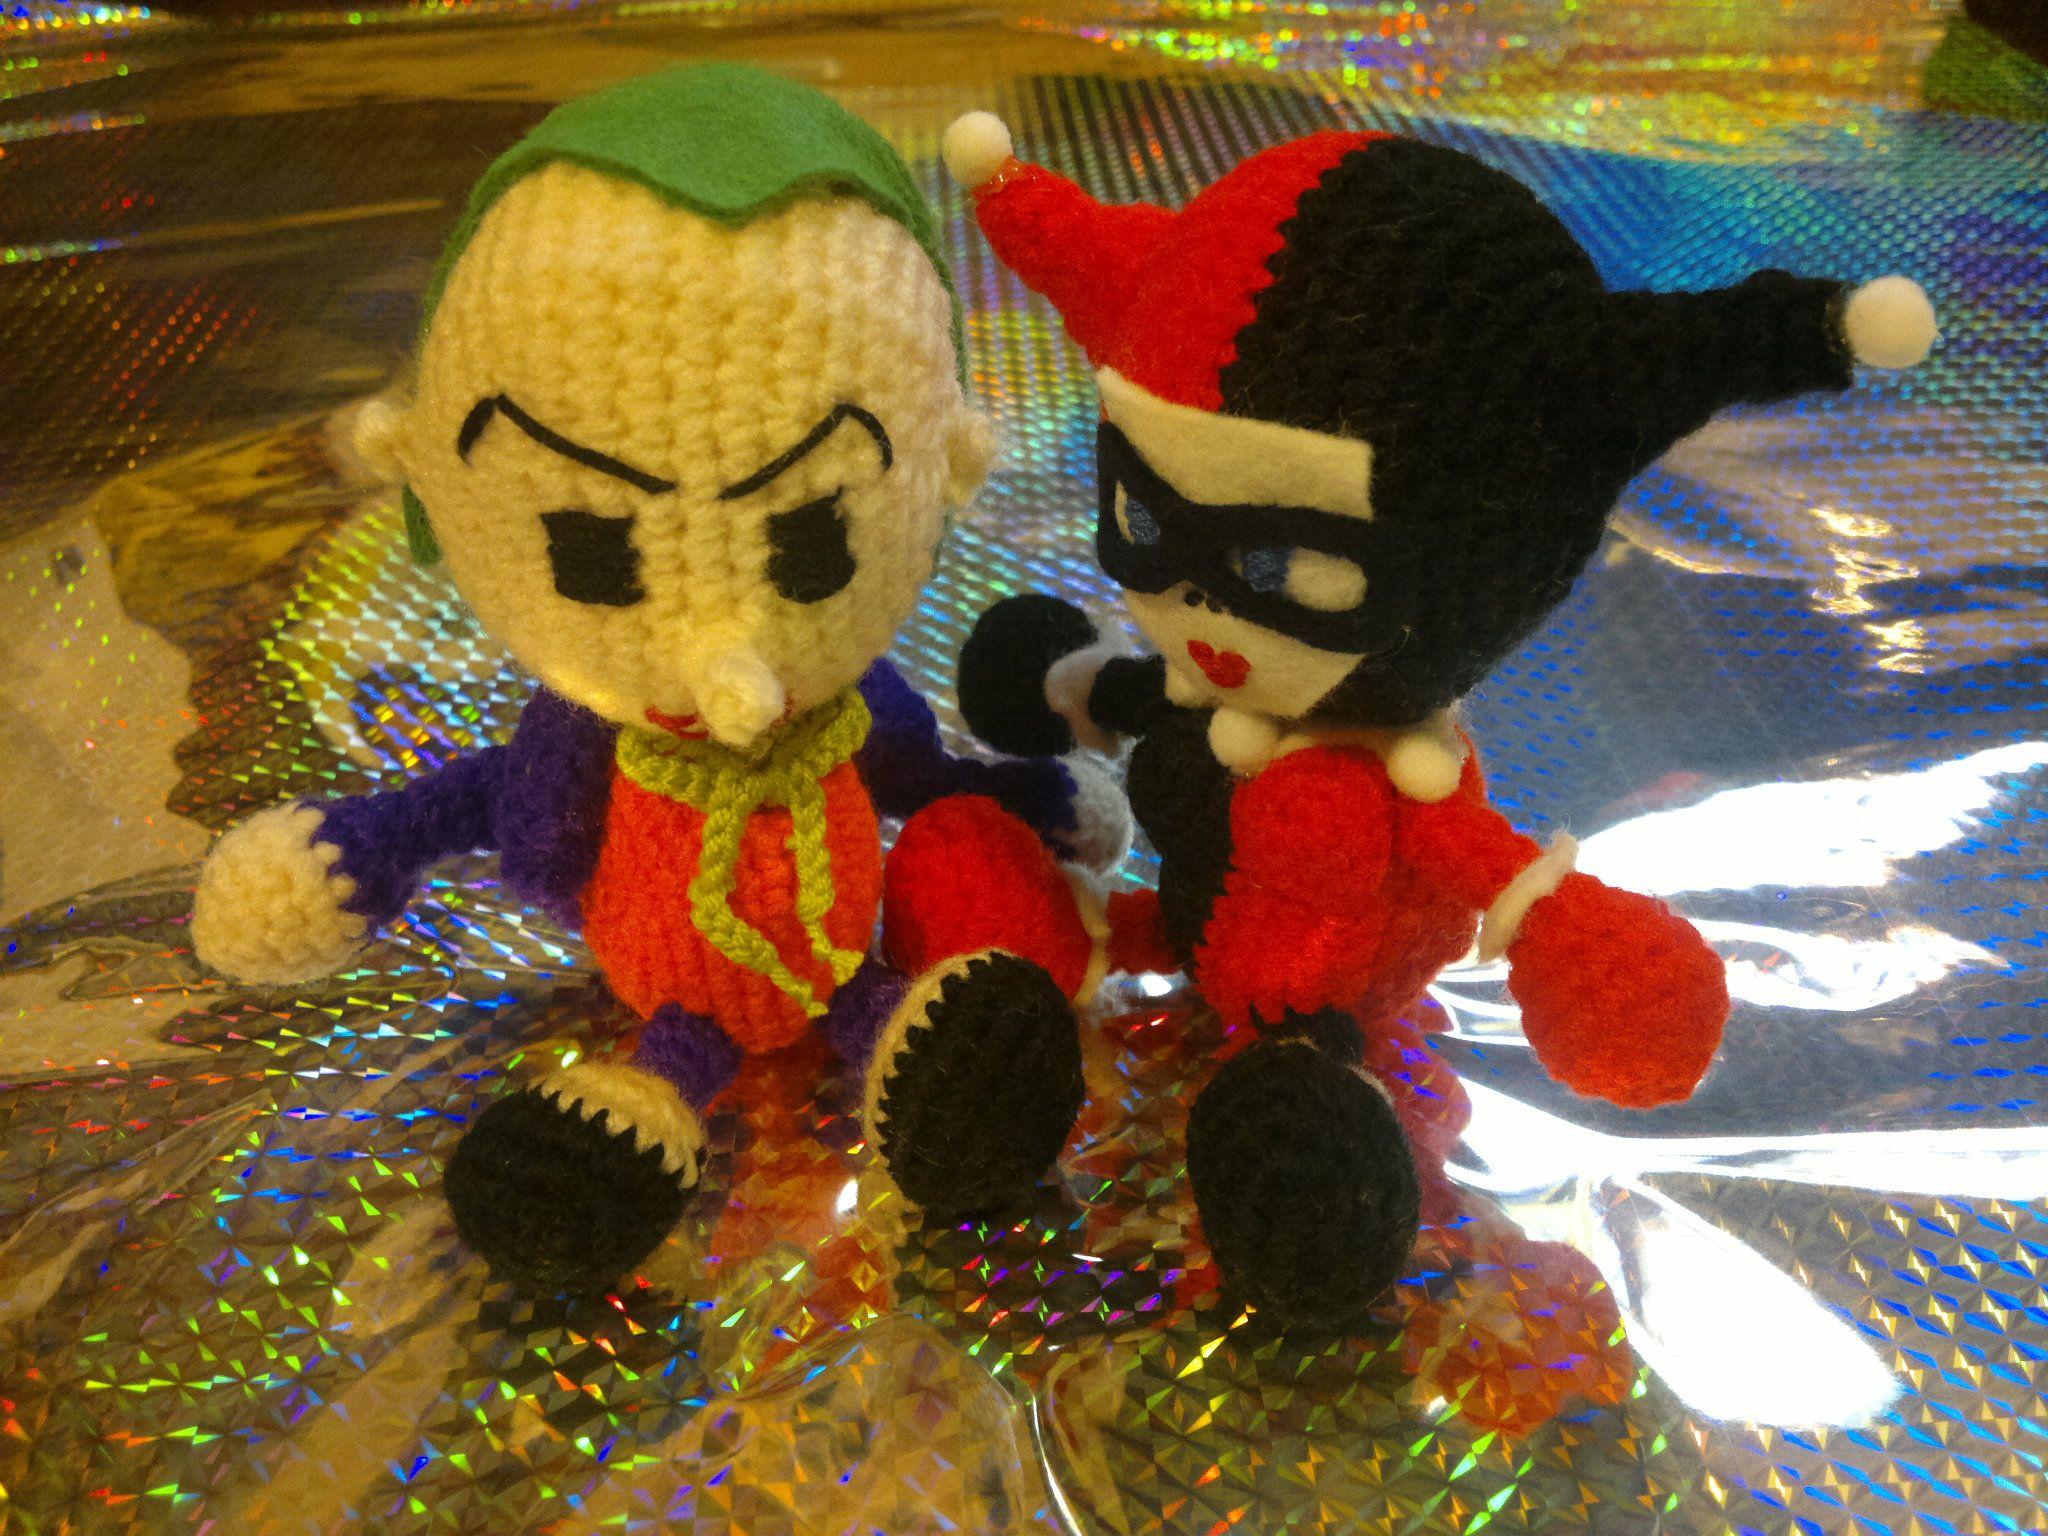 Amigurumi Chibi Doll Pattern Free : Free english crochet patterns amigurumi free english crochet